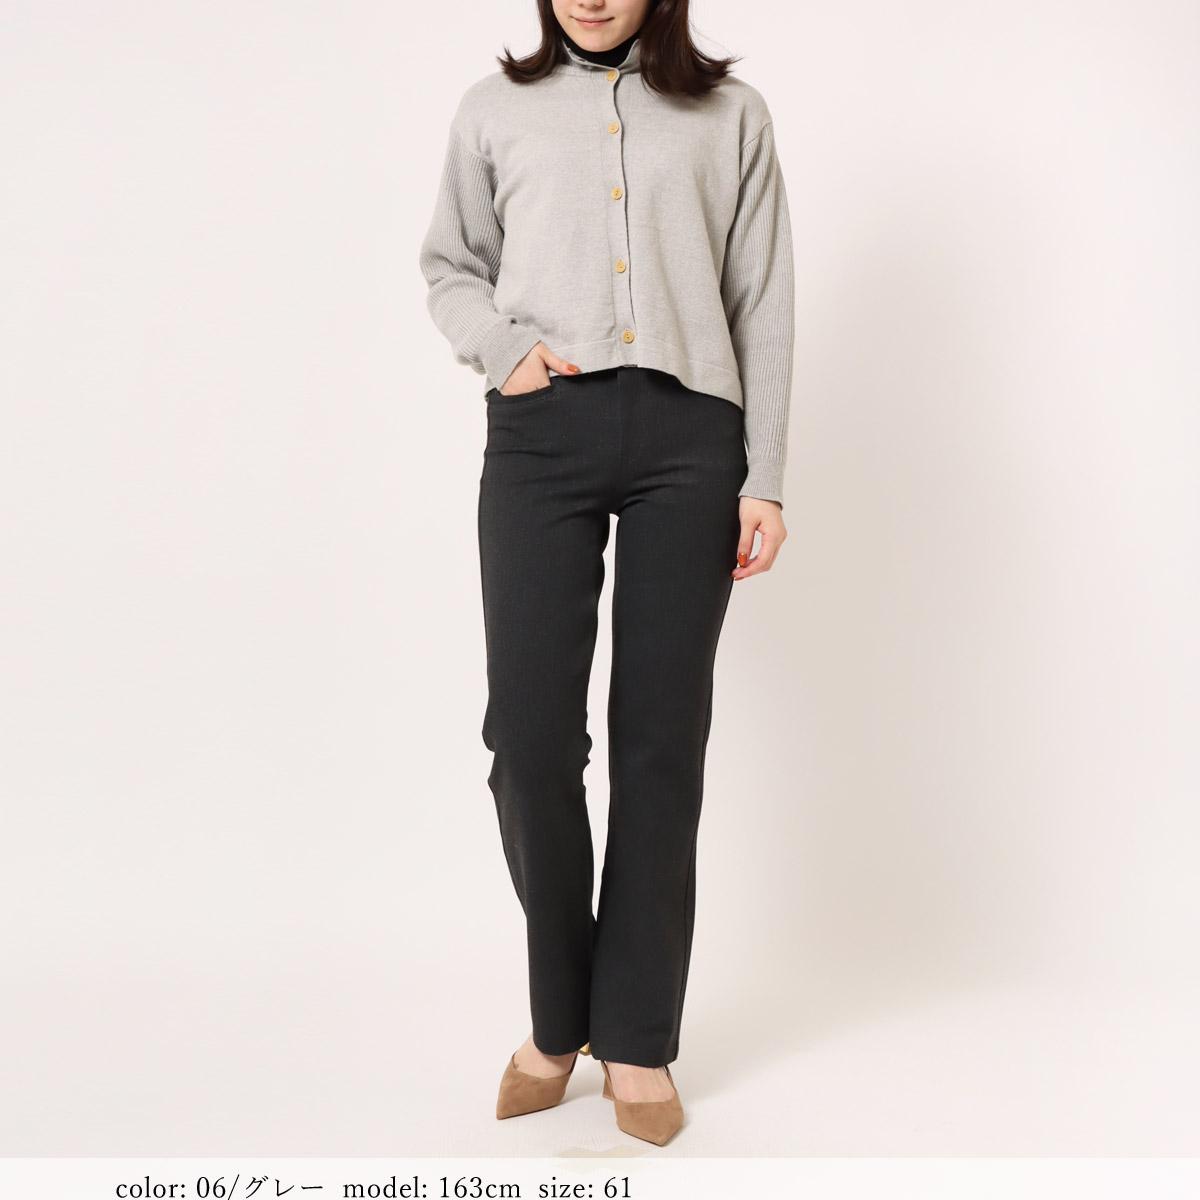 【NEW SALE】Mrs.Jeana GOLD ■暖■ T/R2wayストレッチカラーディナーストレート GM3952